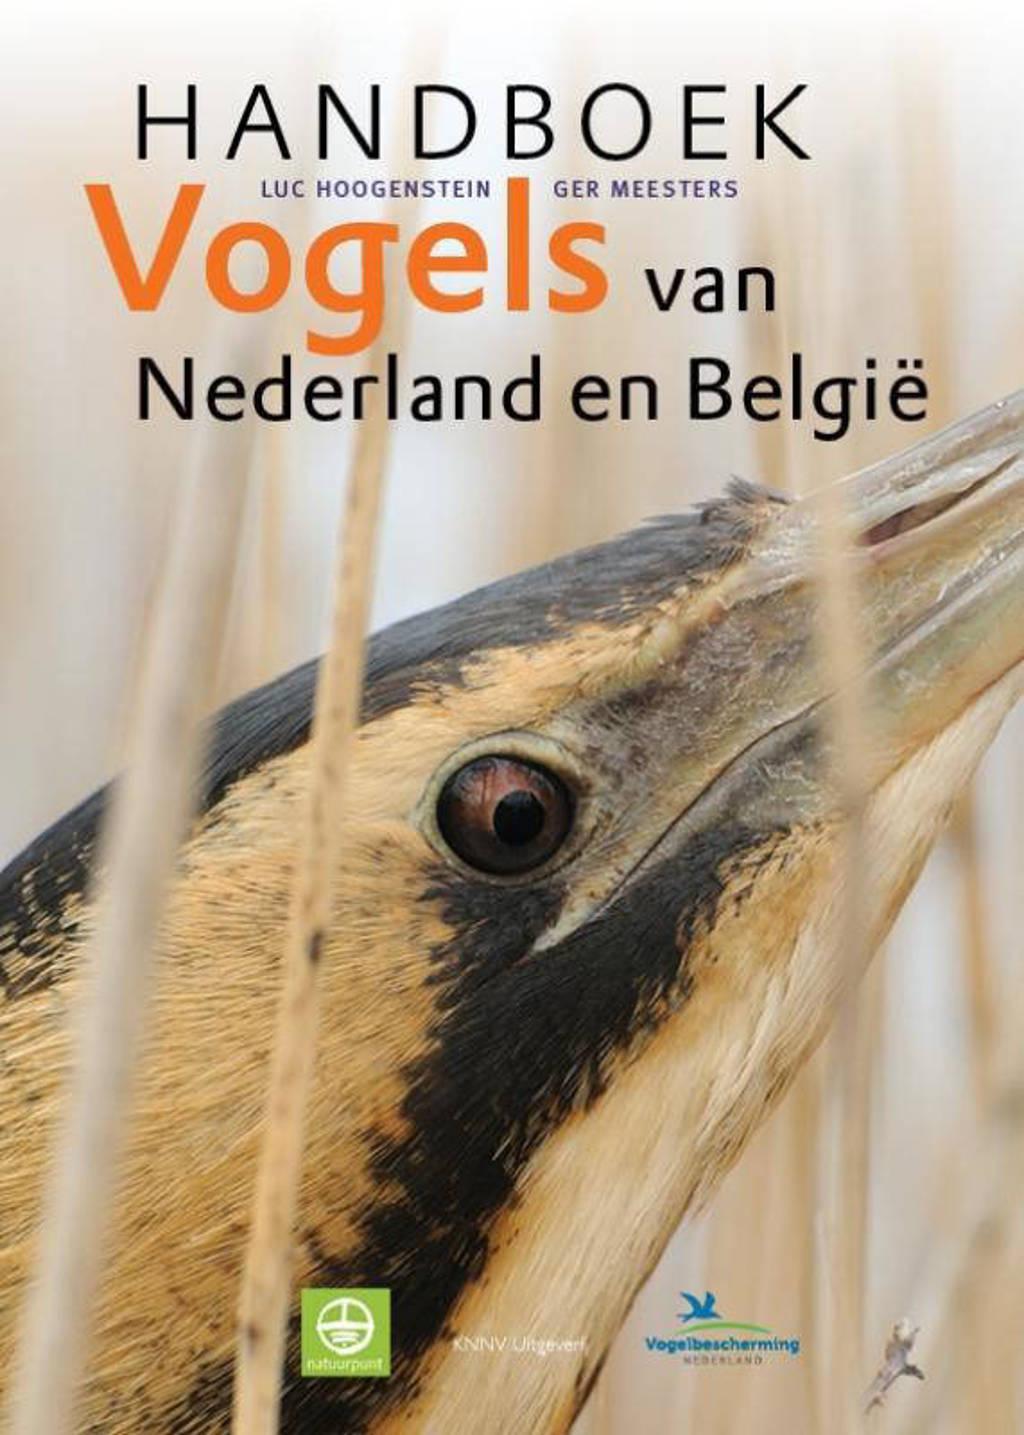 Handboek Vogels van Nederland en België - Luc Hoogenstein en Ger Meesters